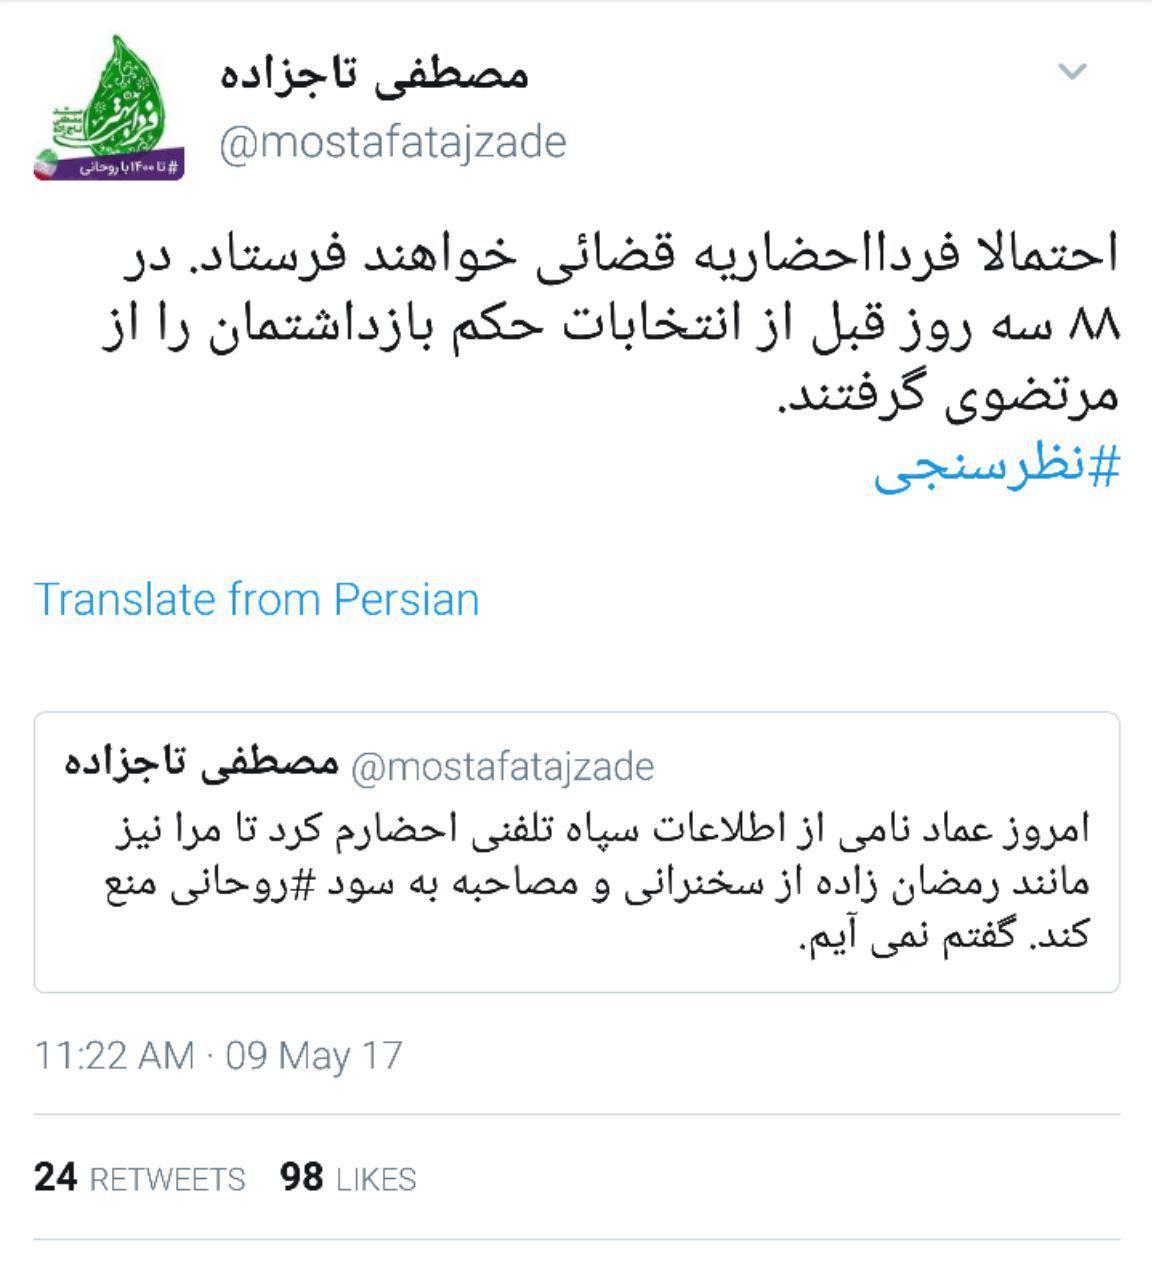 احضار مصطفیتاج زاده و عبدالله رمضانزاده به اطلاعات سپاه